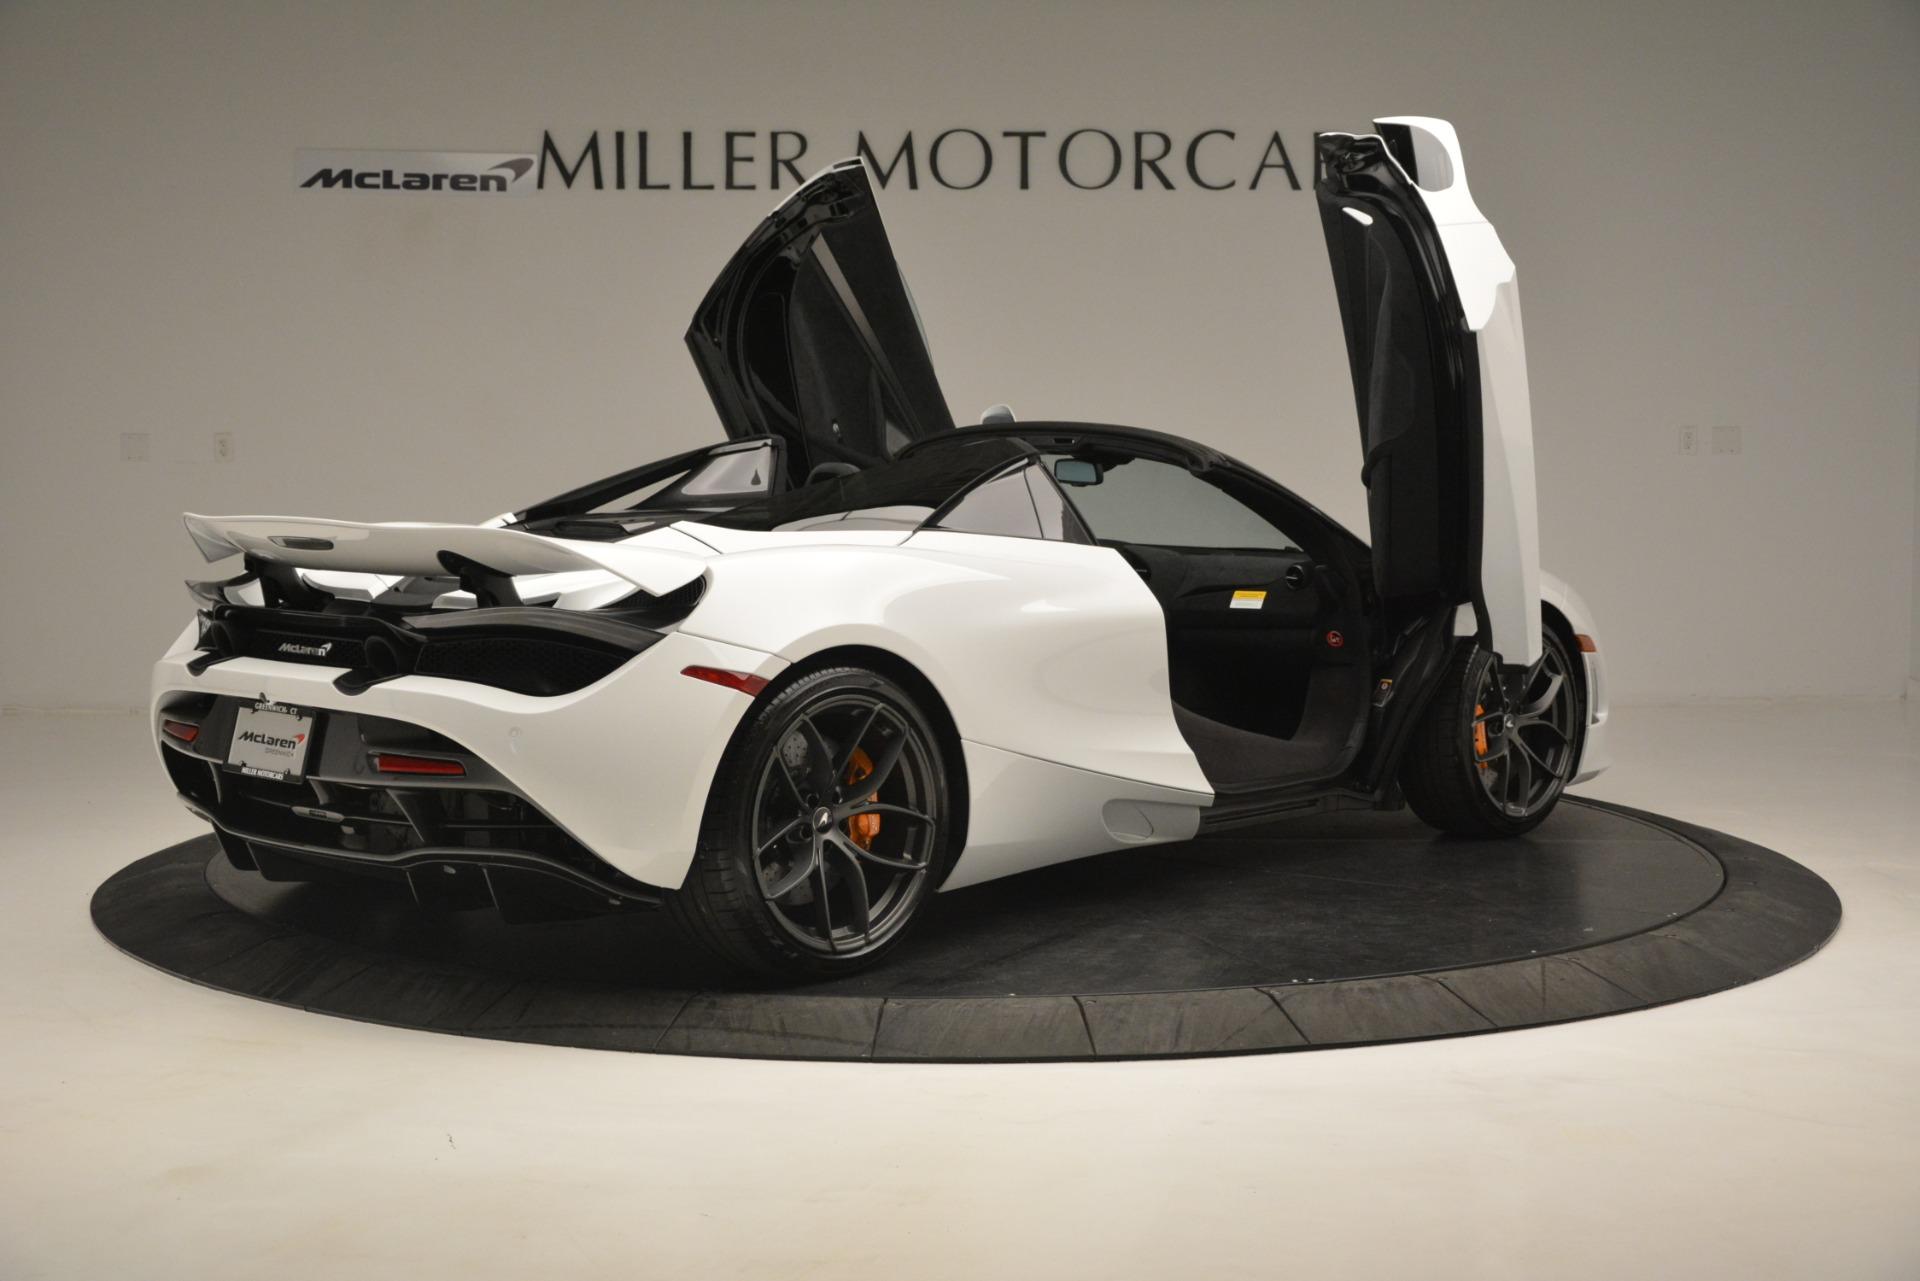 New 2020 McLaren 720S Spider Convertible For Sale In Westport, CT 3229_p21